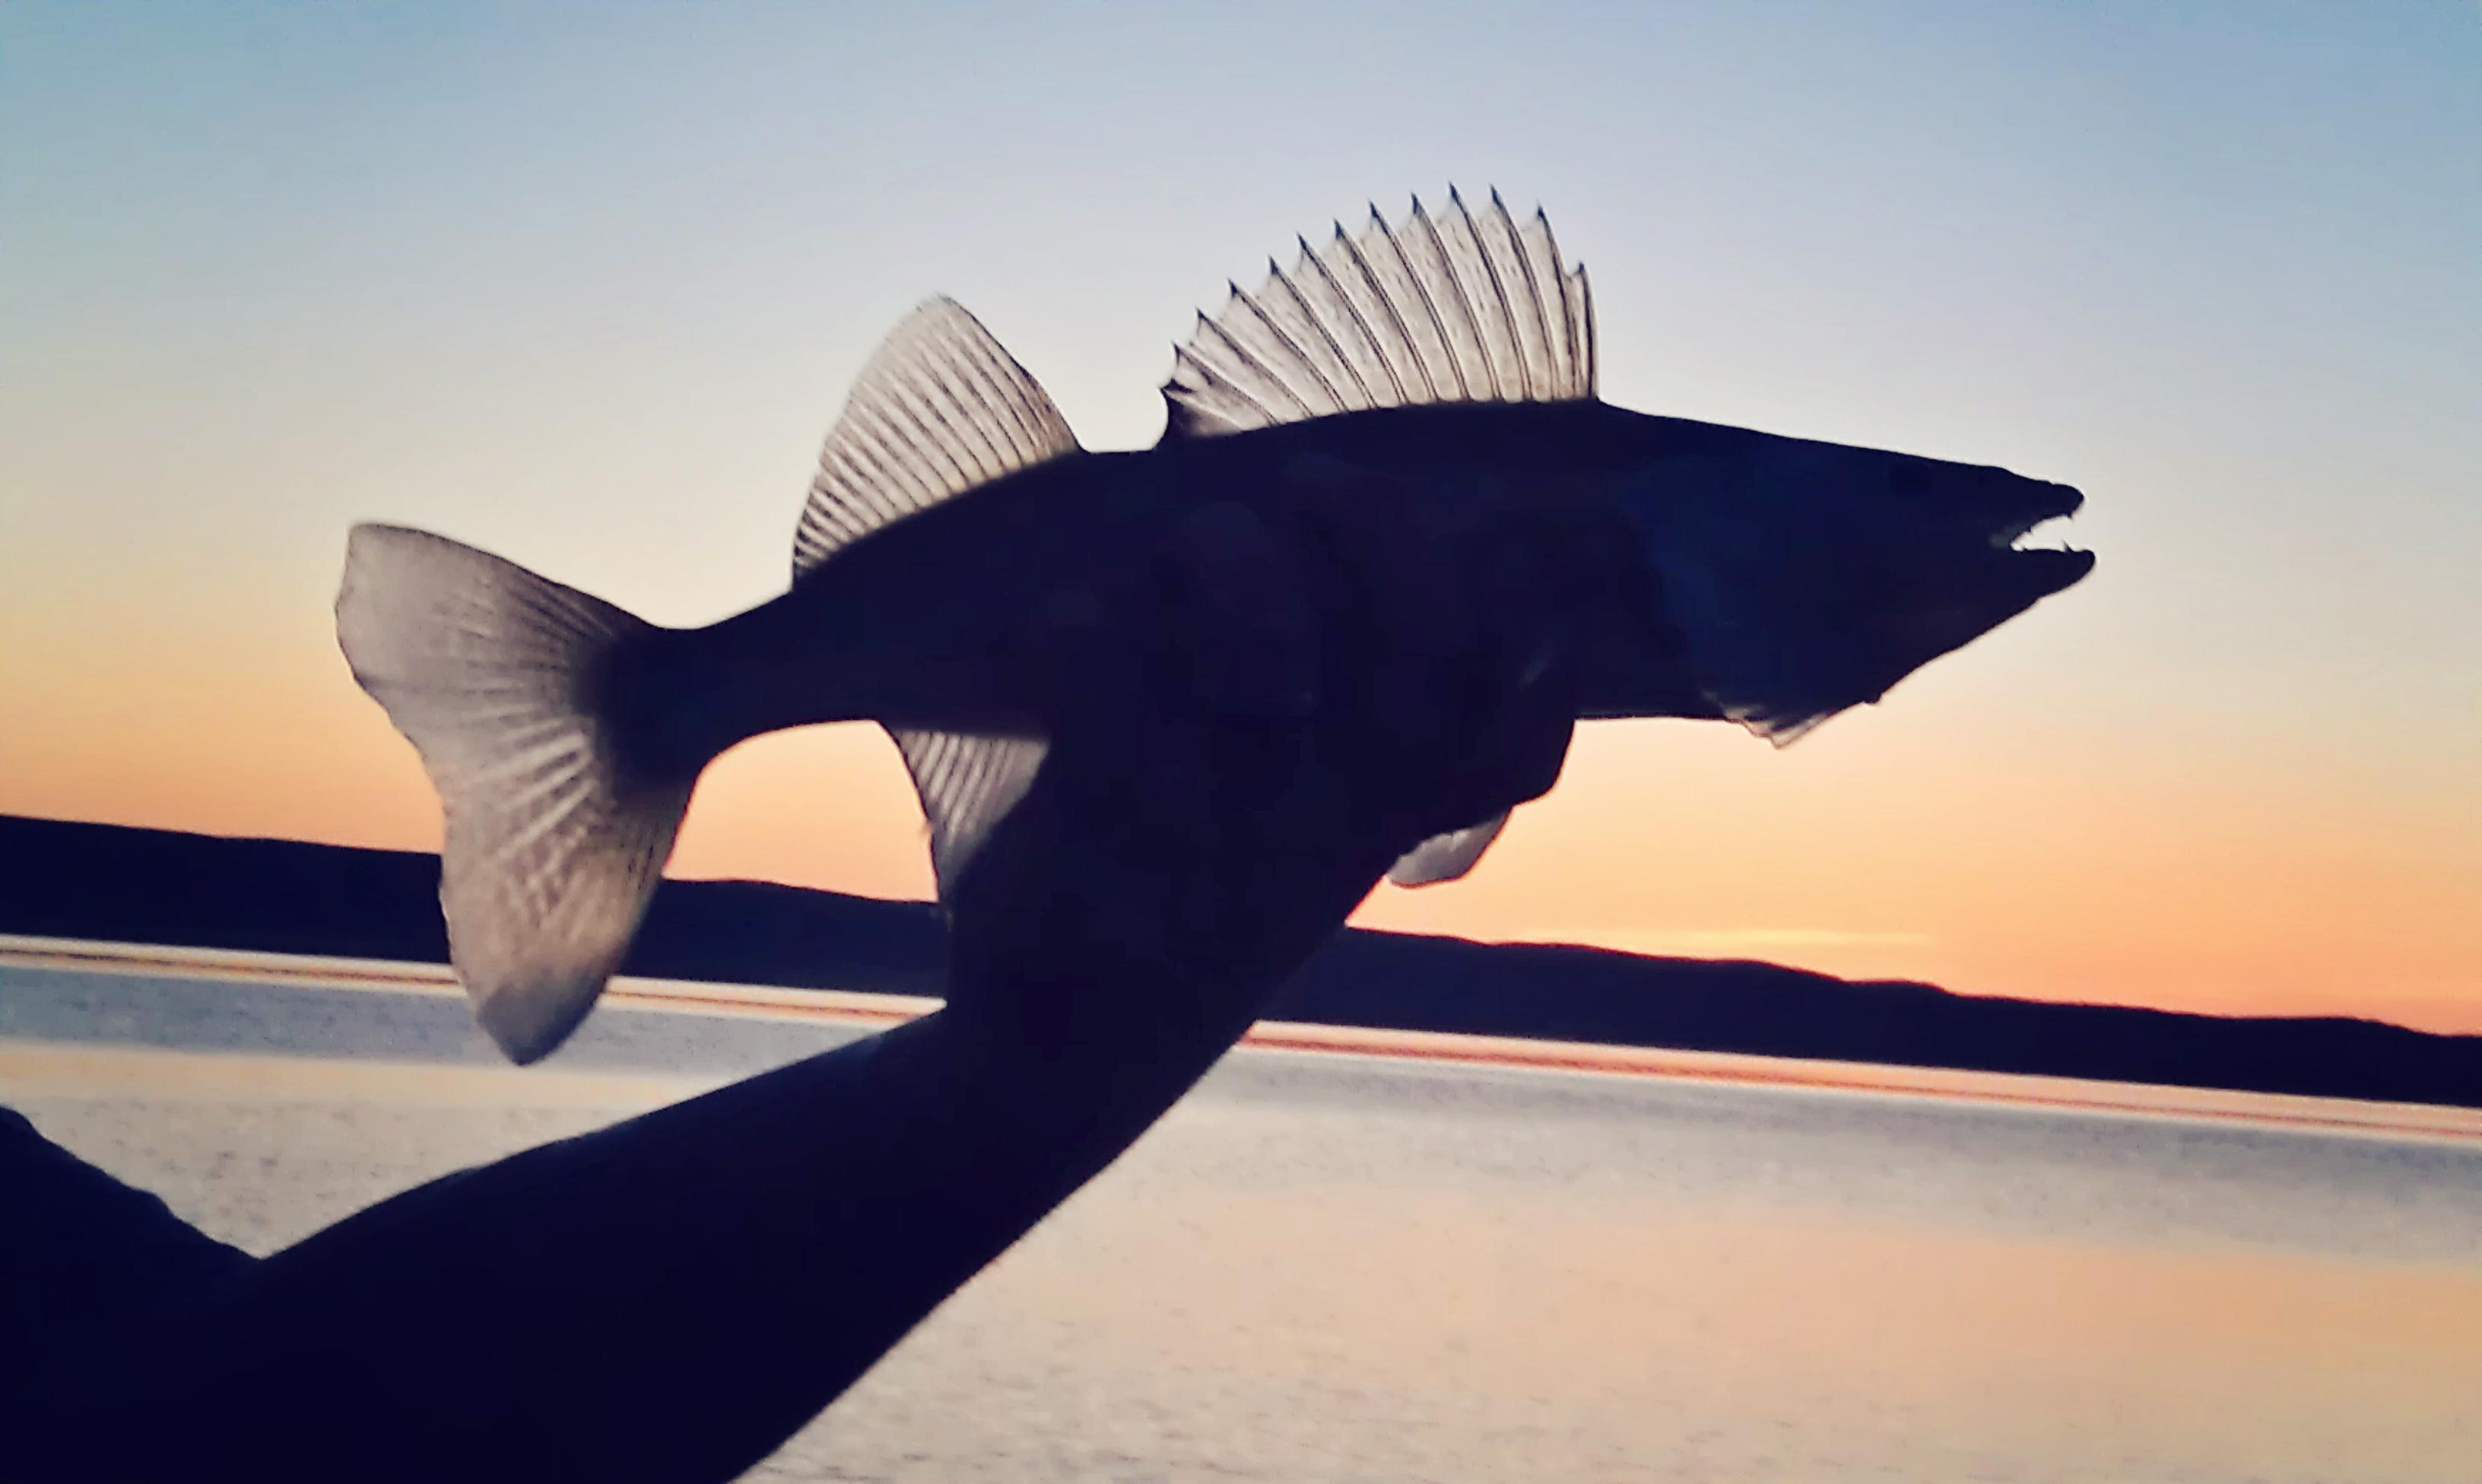 fishsil